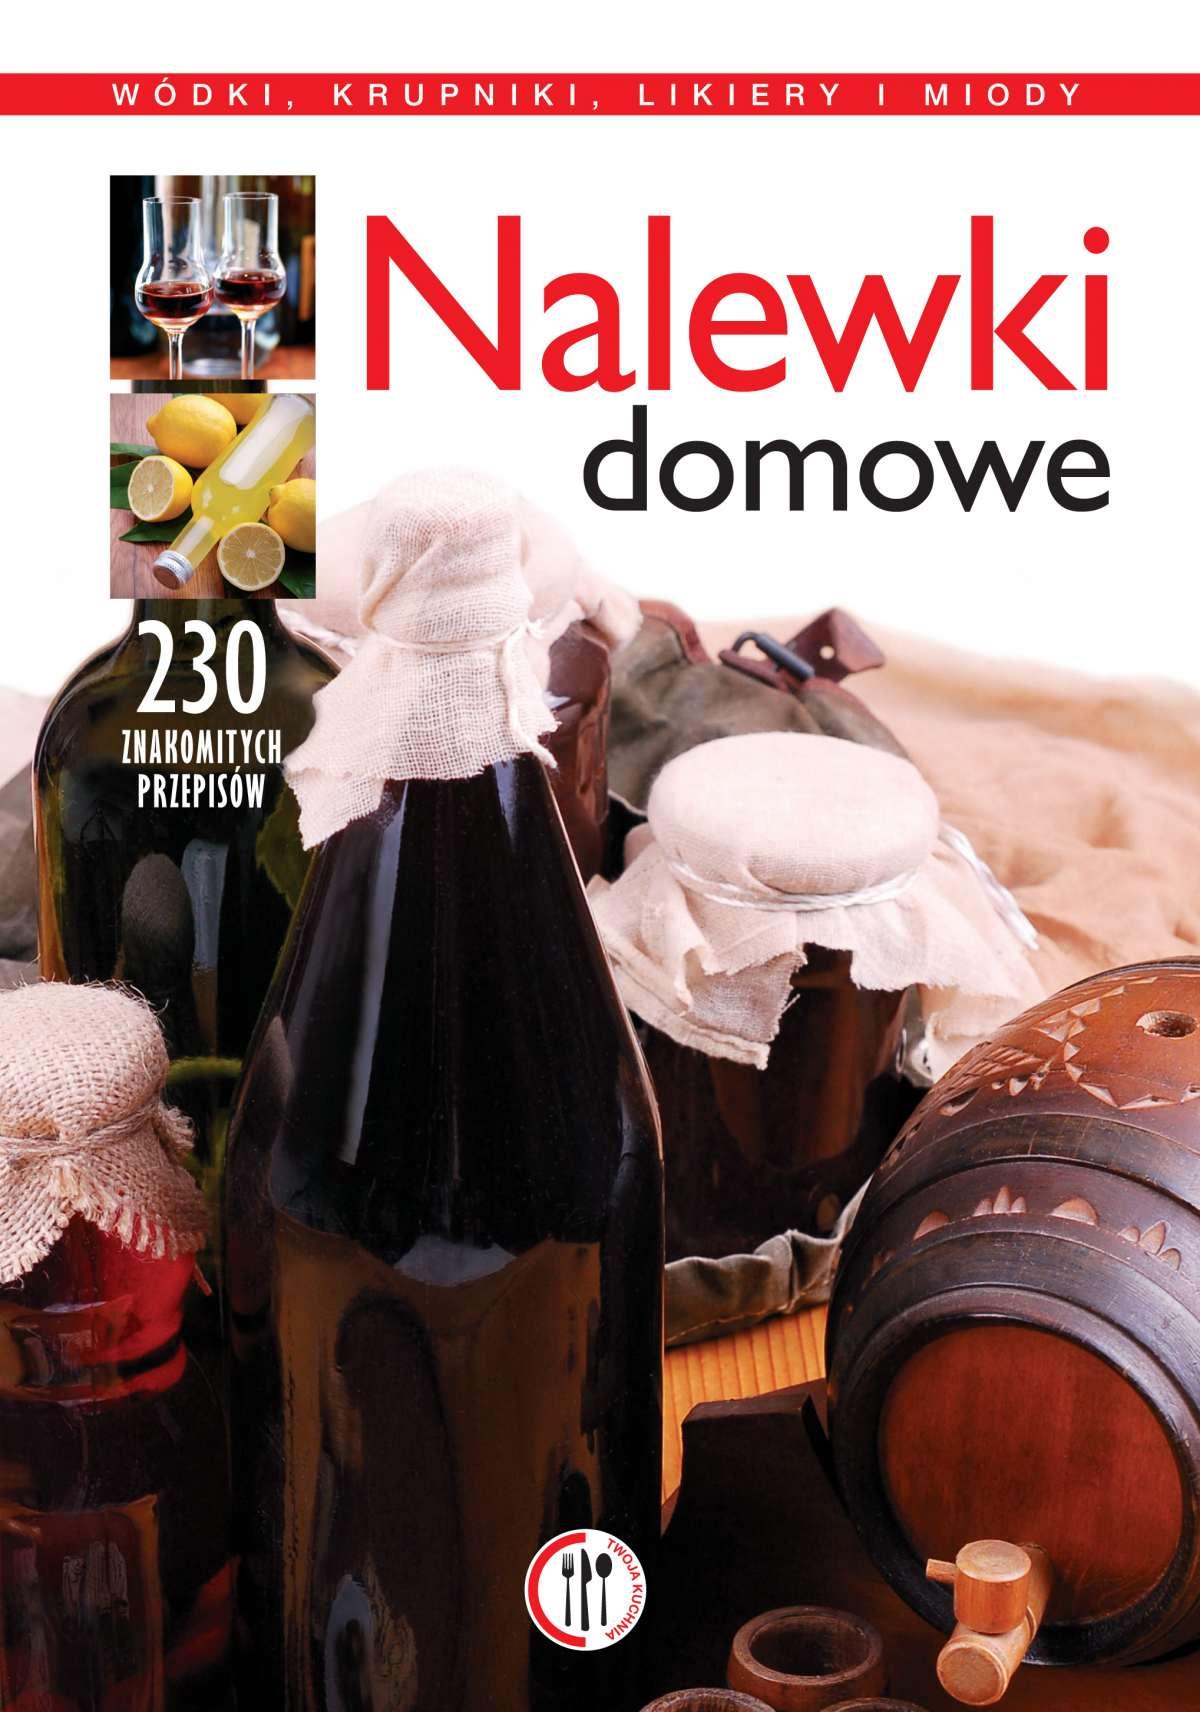 Nalewki domowe. Wódki, krupniki, likiery i miody - Ebook (Książka PDF) do pobrania w formacie PDF